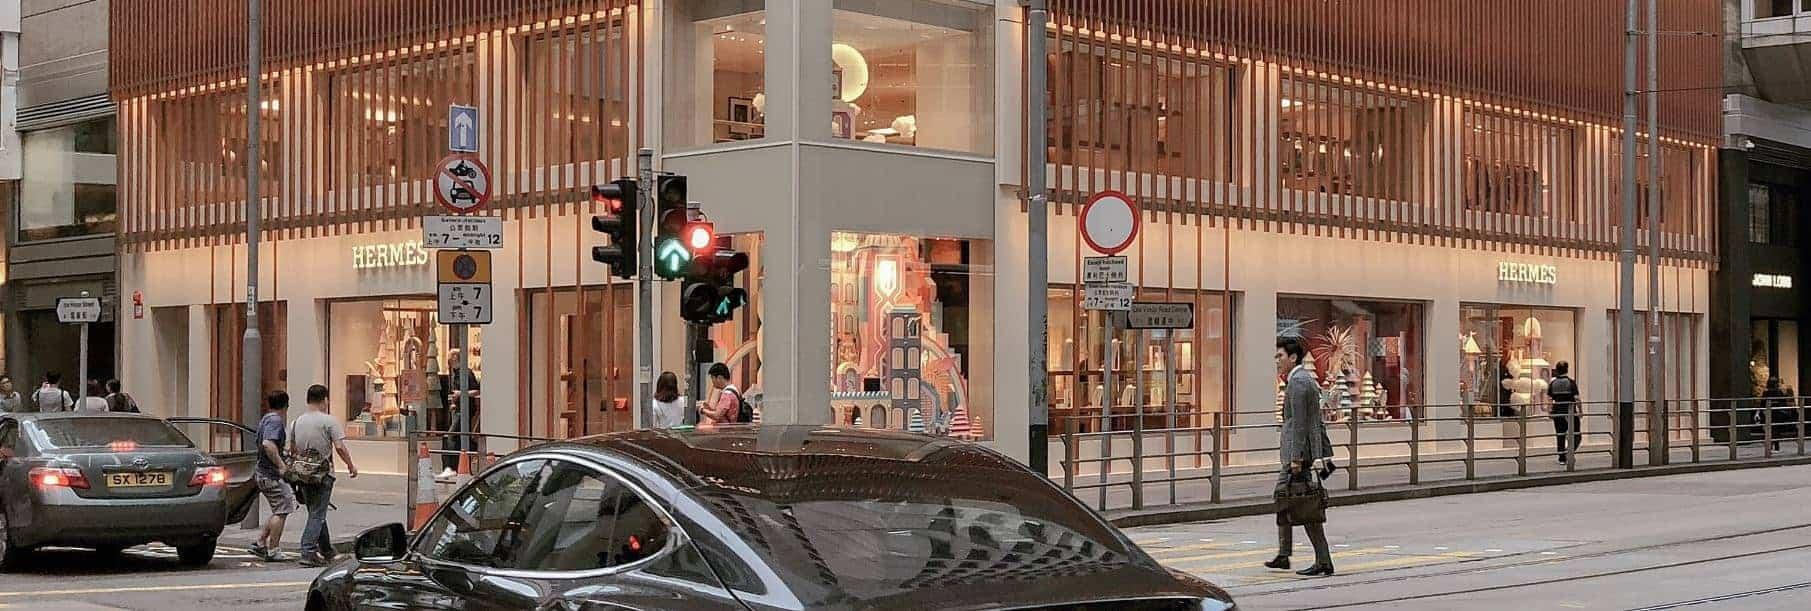 Immobilieninvestoren Handelsimmobilien Deutschland Adressen Ankaufprofil